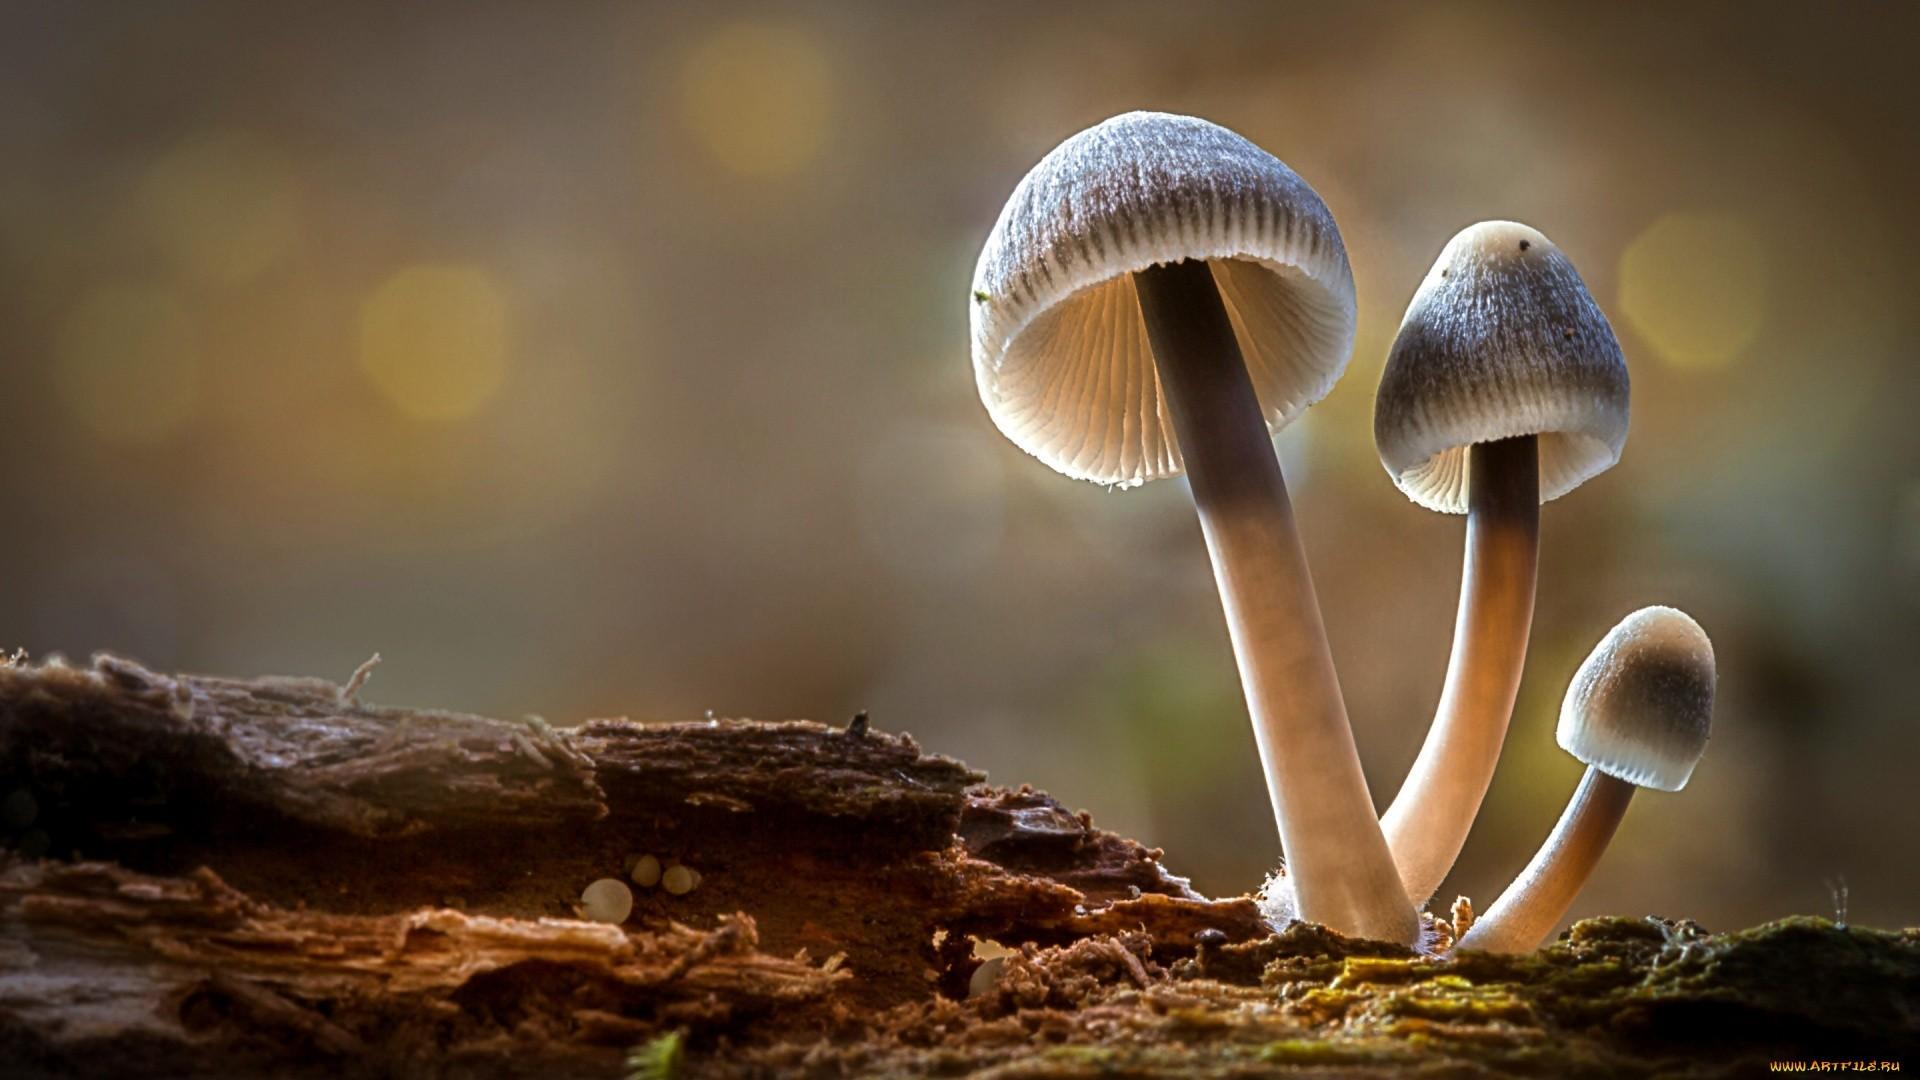 Mushroom Desktop Wallpaper